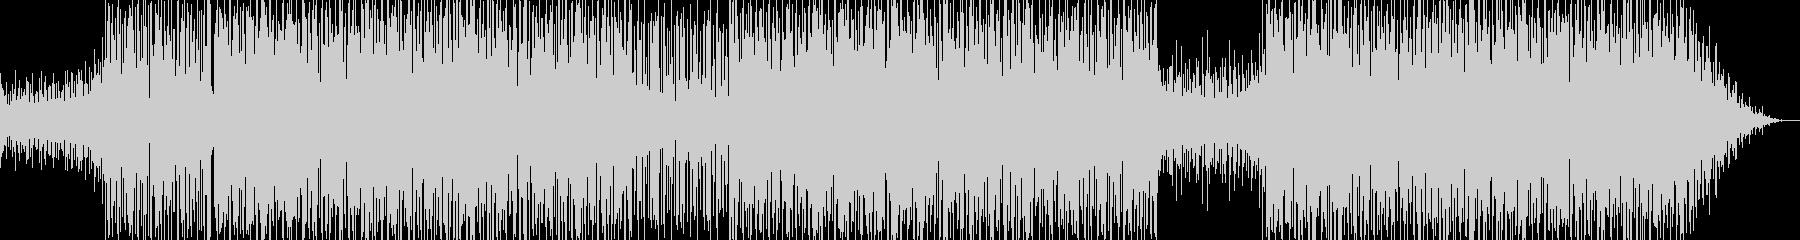 スムーズジャズ、クール、のんびり、...の未再生の波形